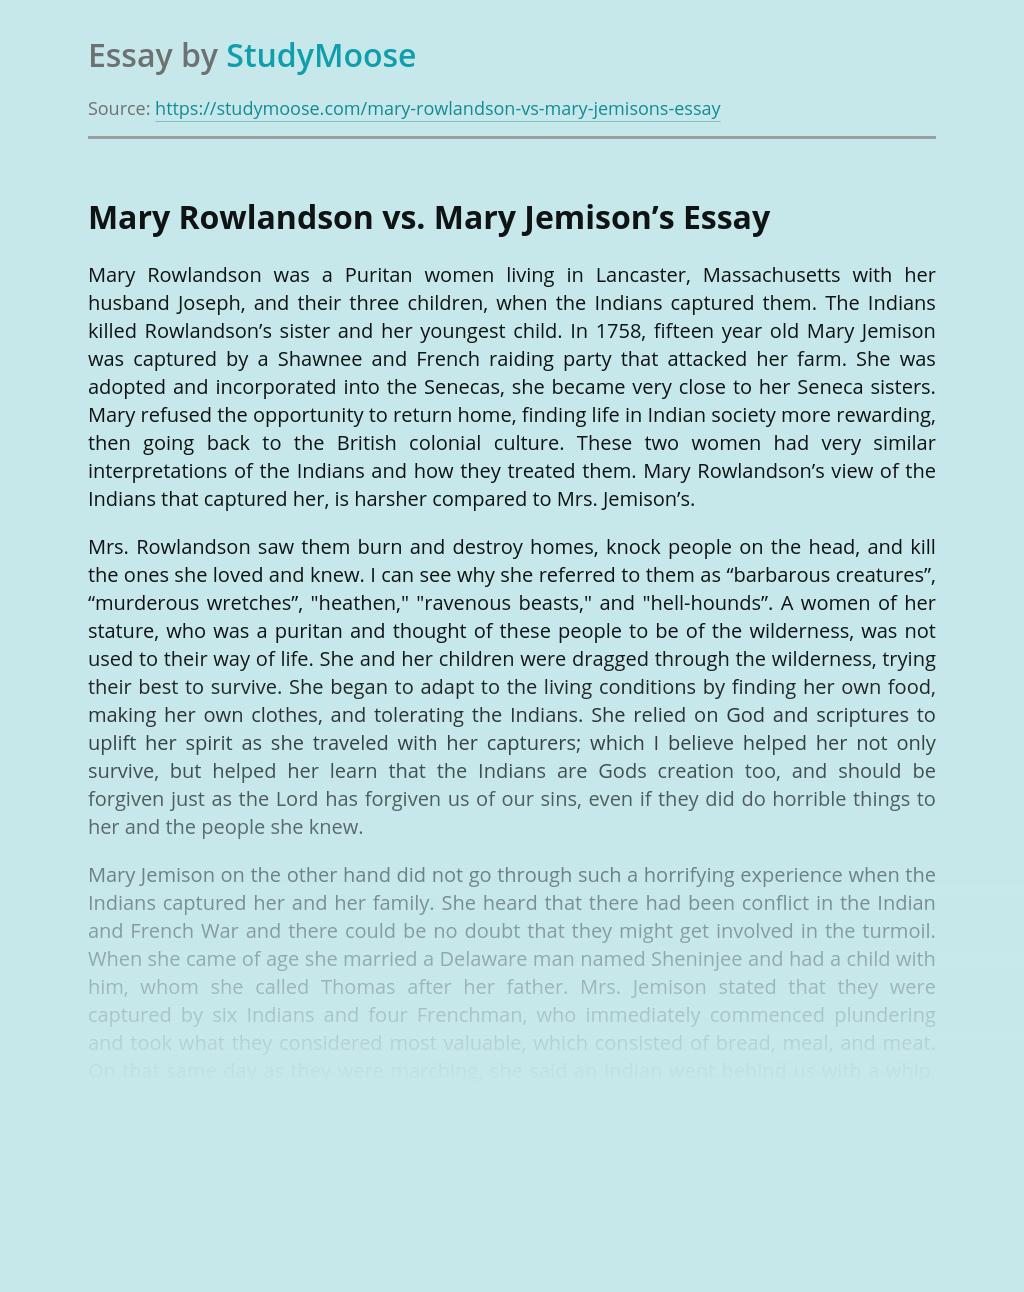 Mary Rowlandson vs. Mary Jemison's